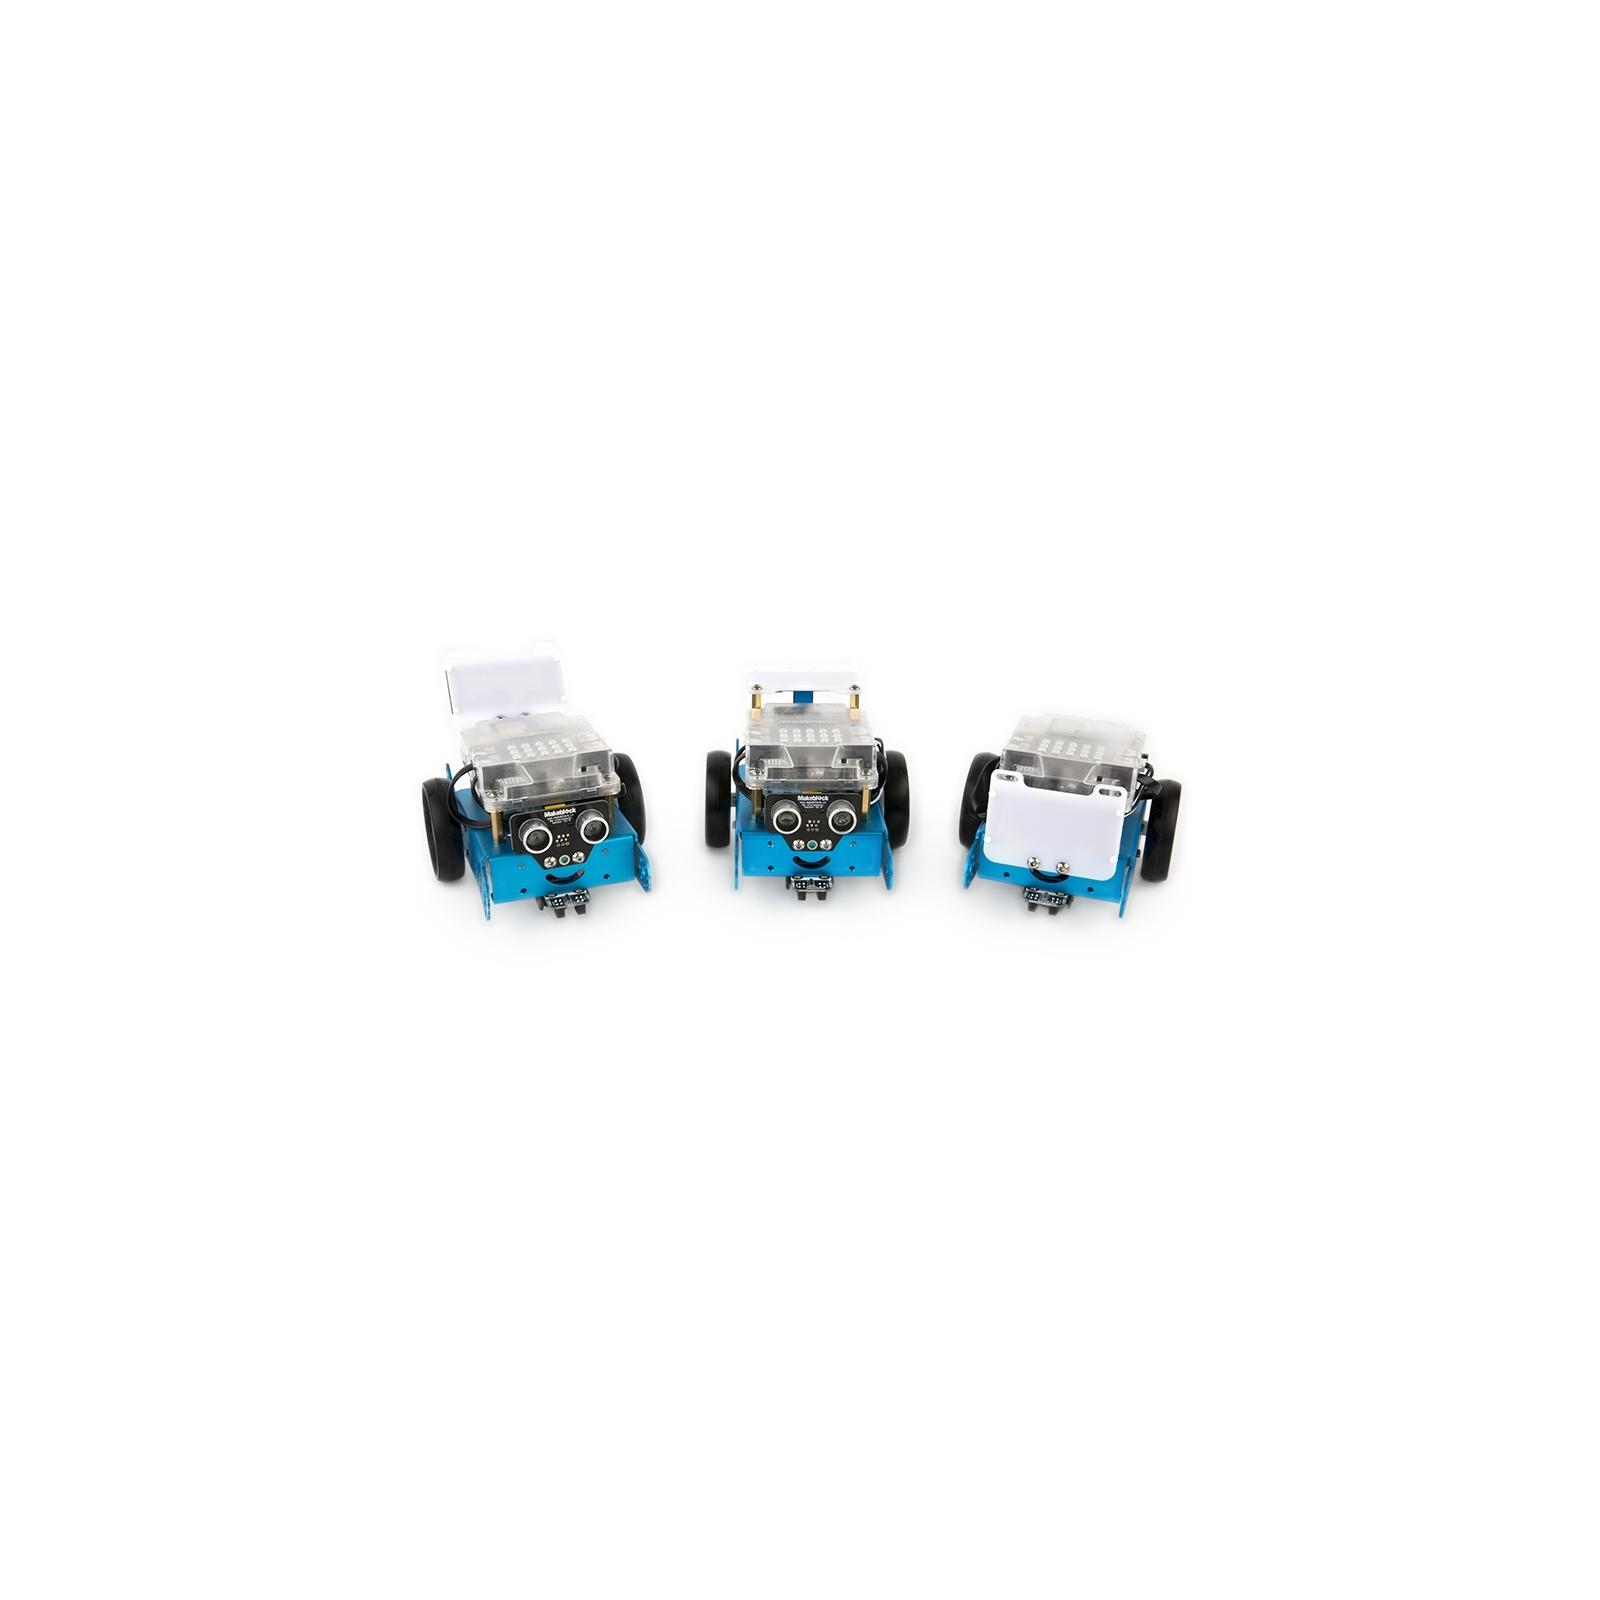 Робот Makeblock mBot S (P1010045) изображение 12